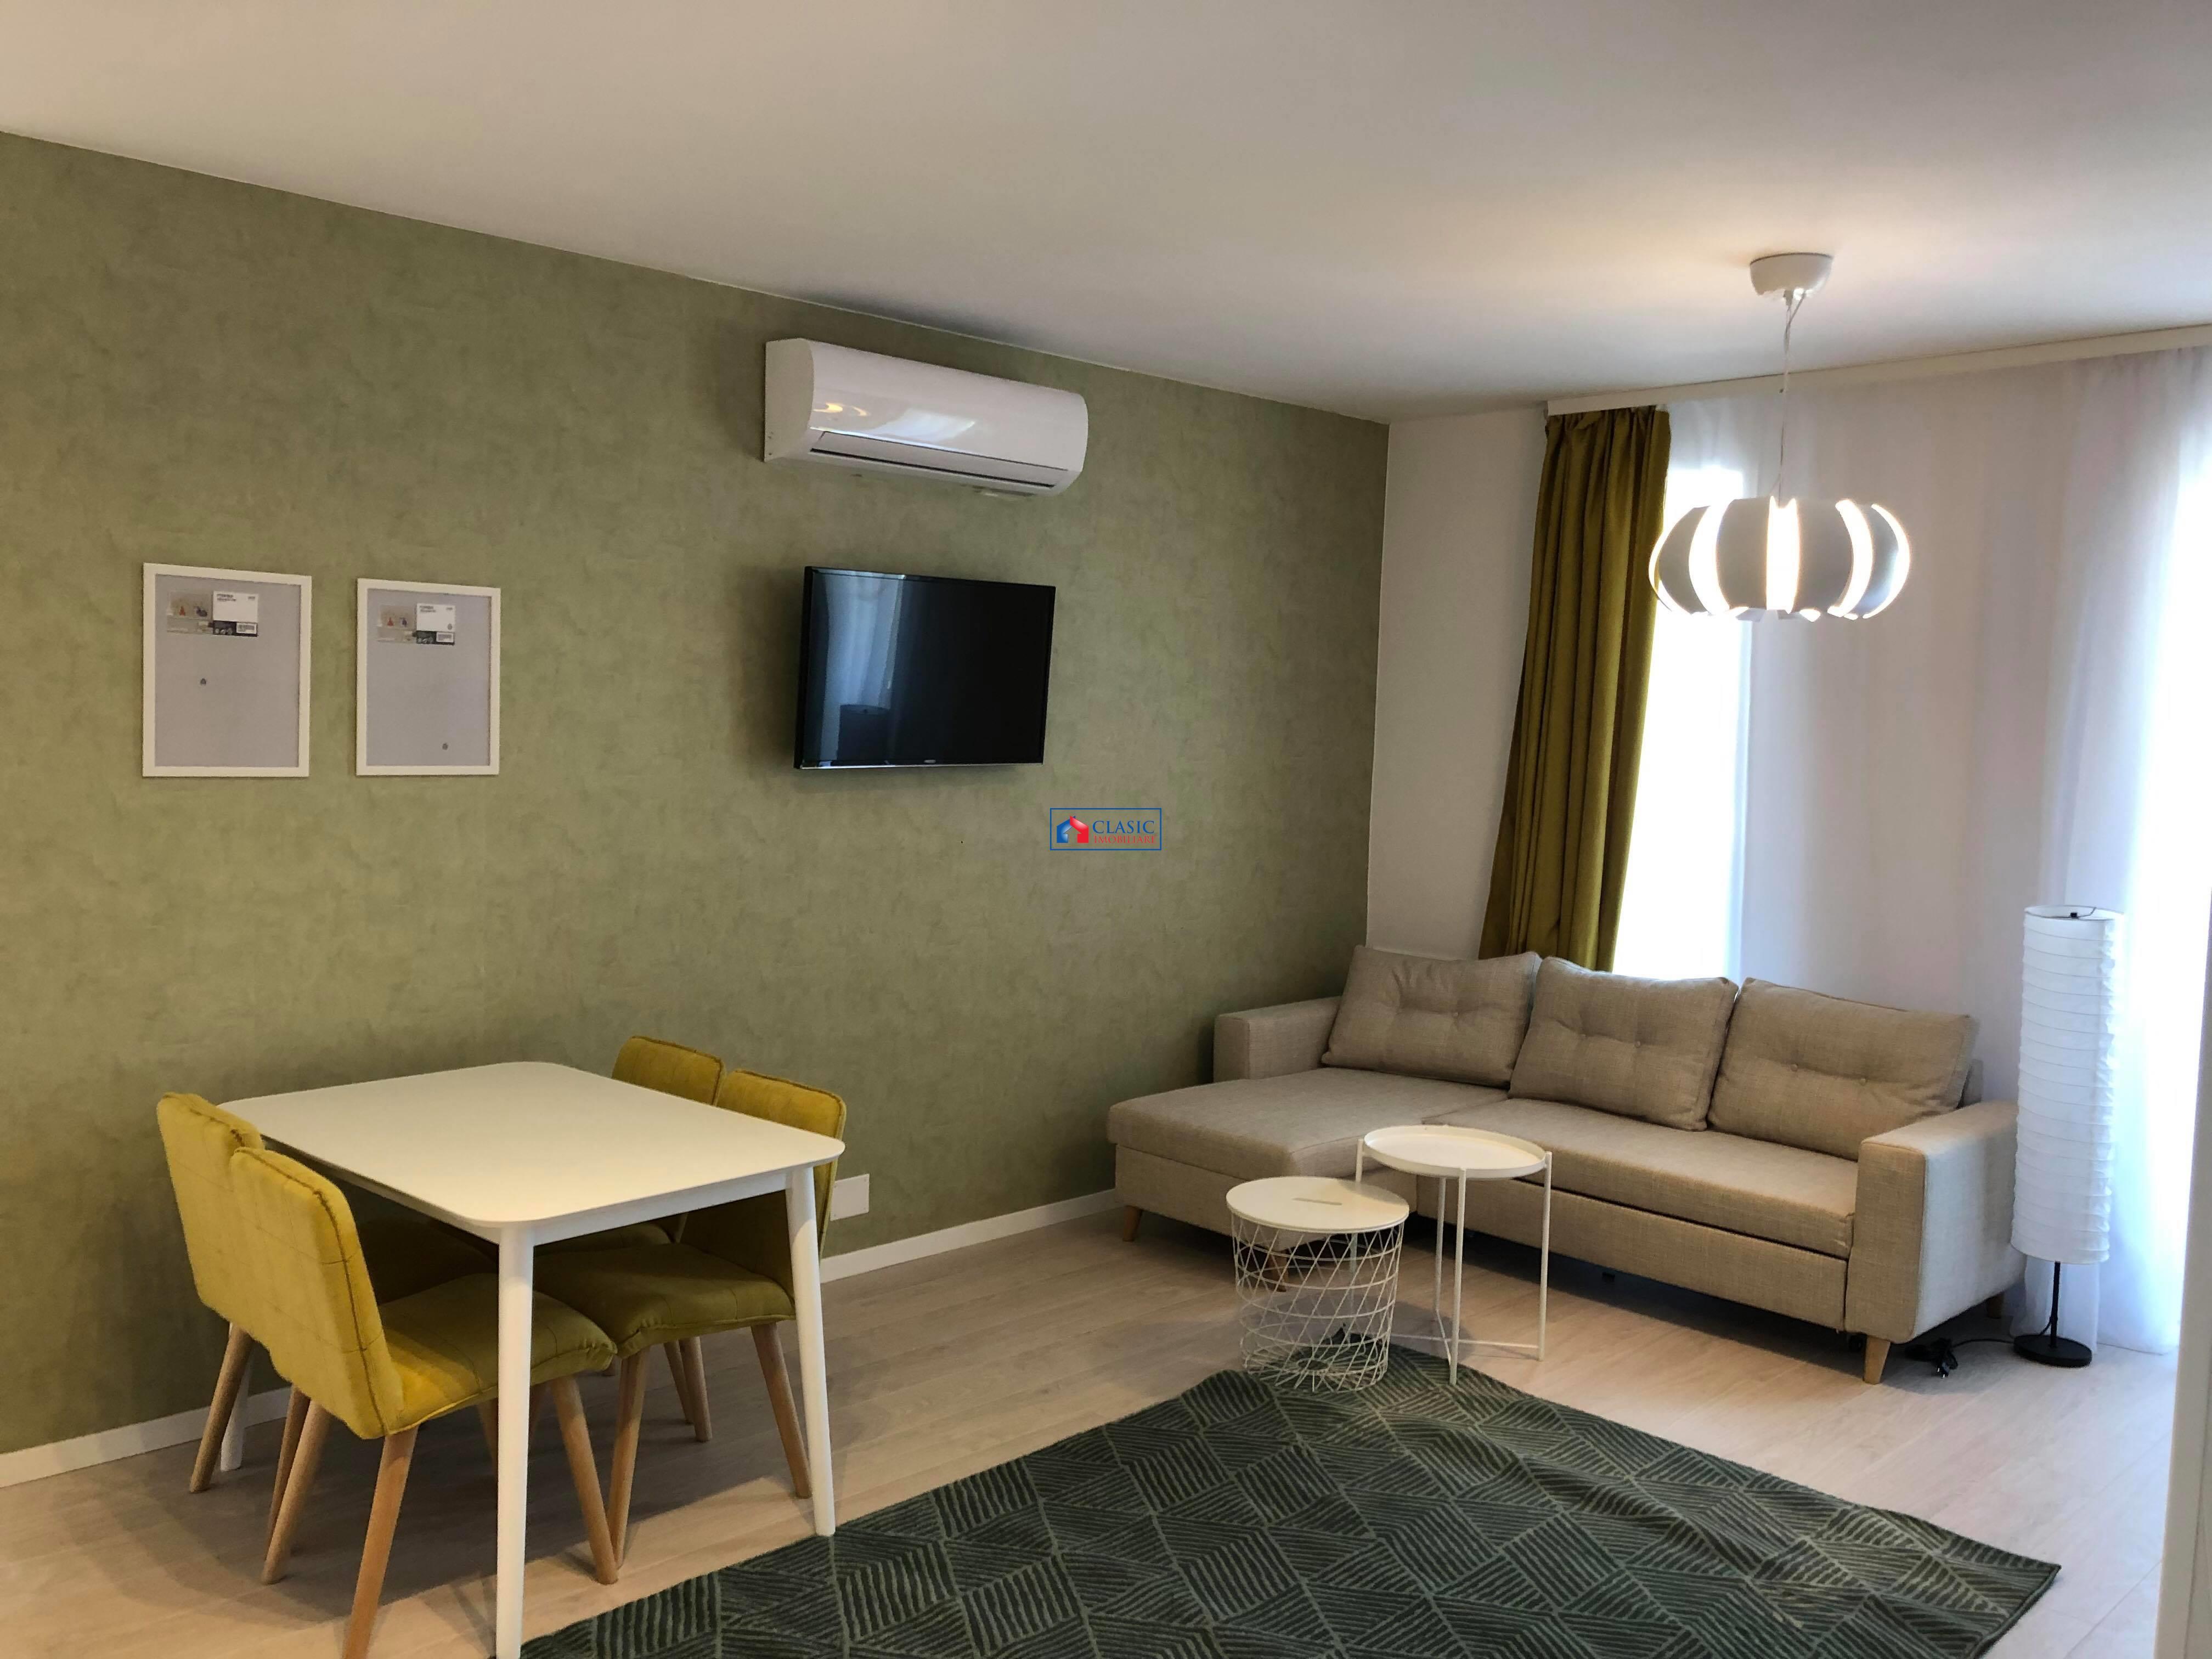 Inchiriere apartament 3 camere de LUX zona Centrala  Pta Abator